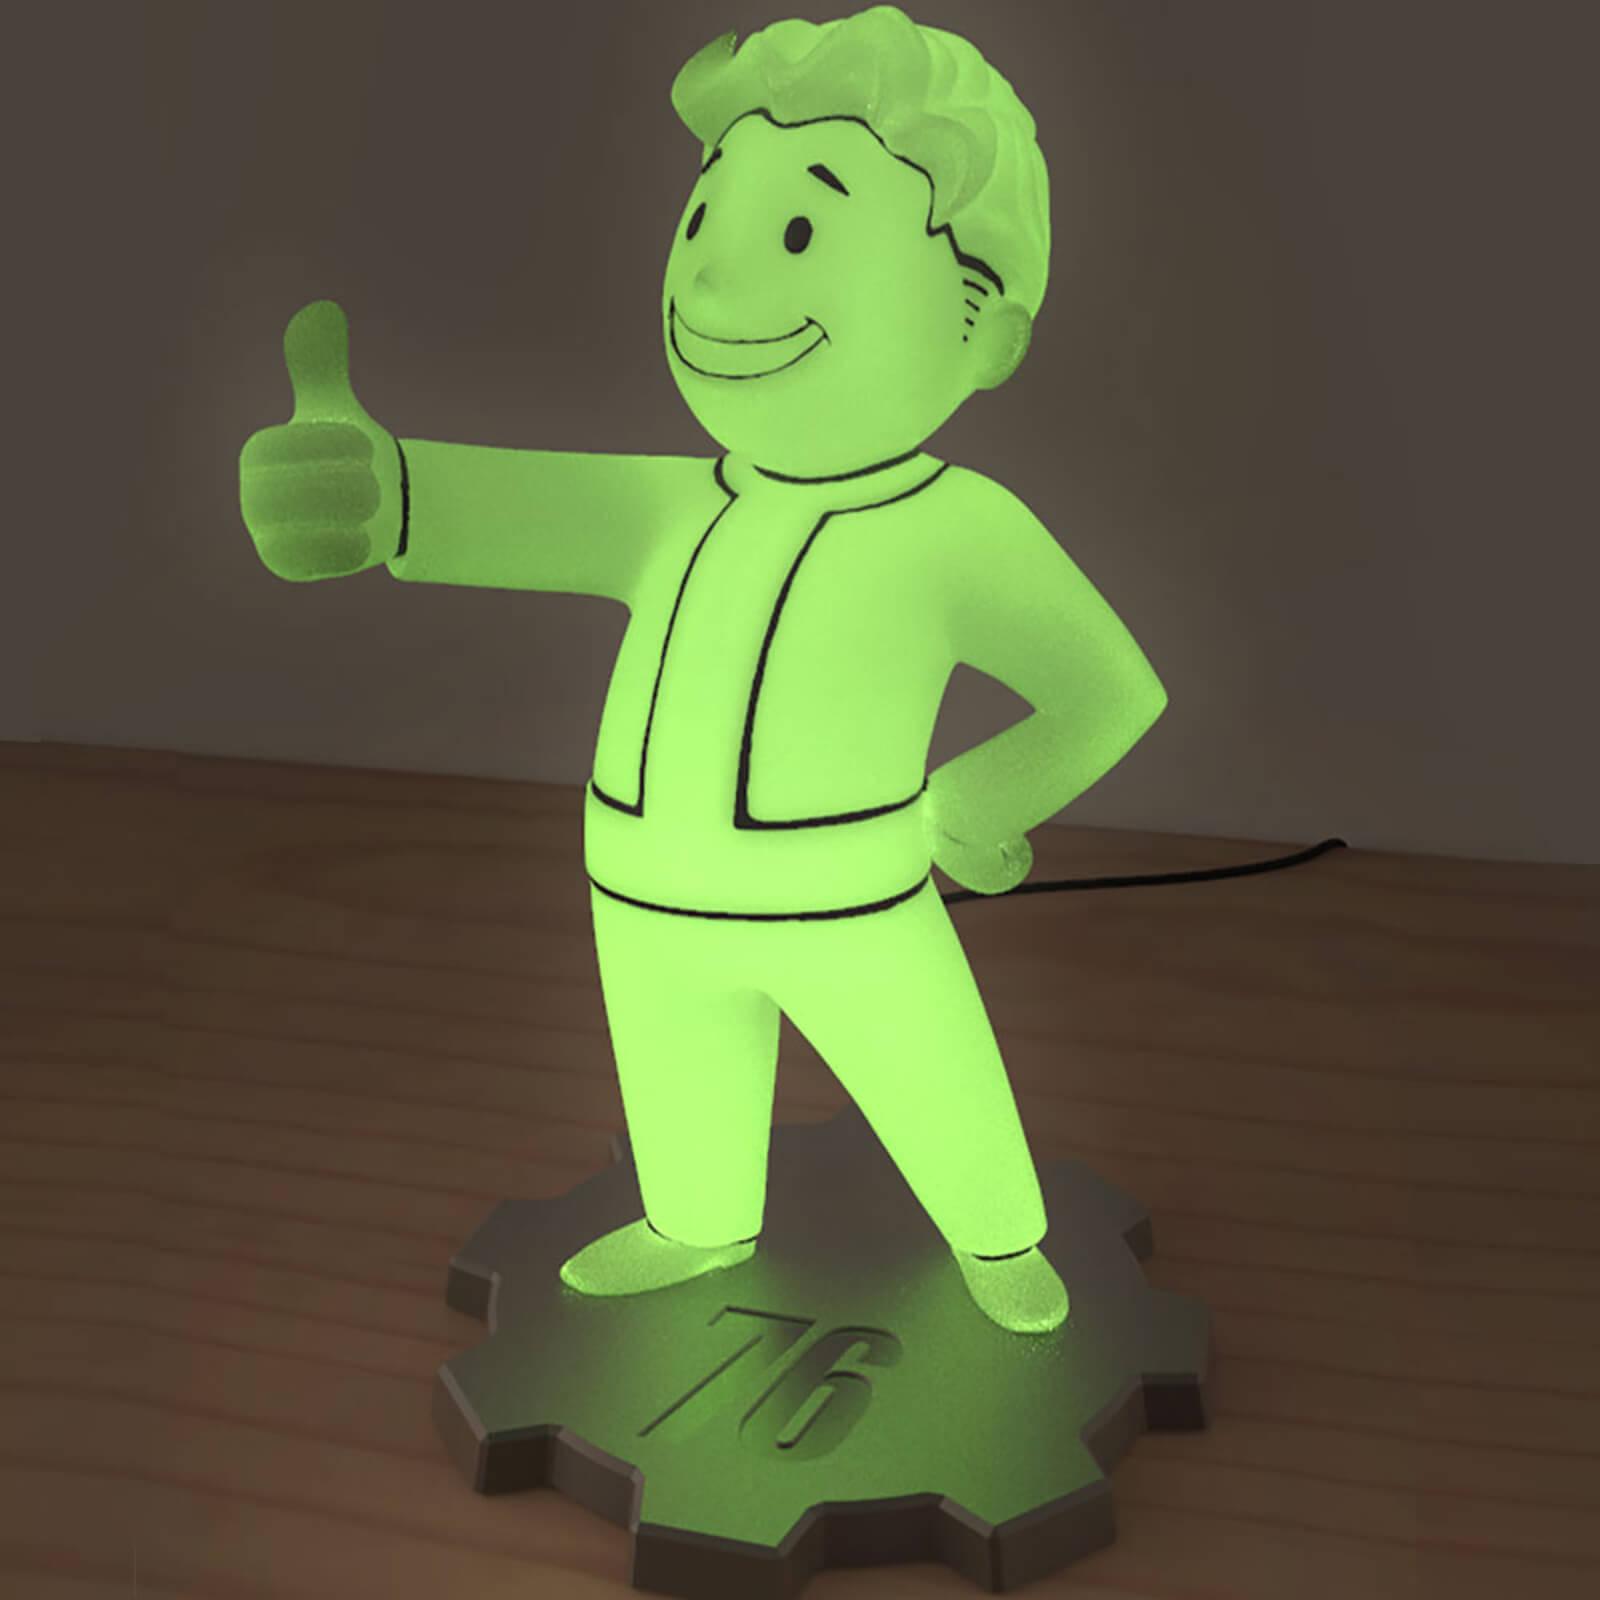 Lámpara LED Fallout 76 Vault Boy